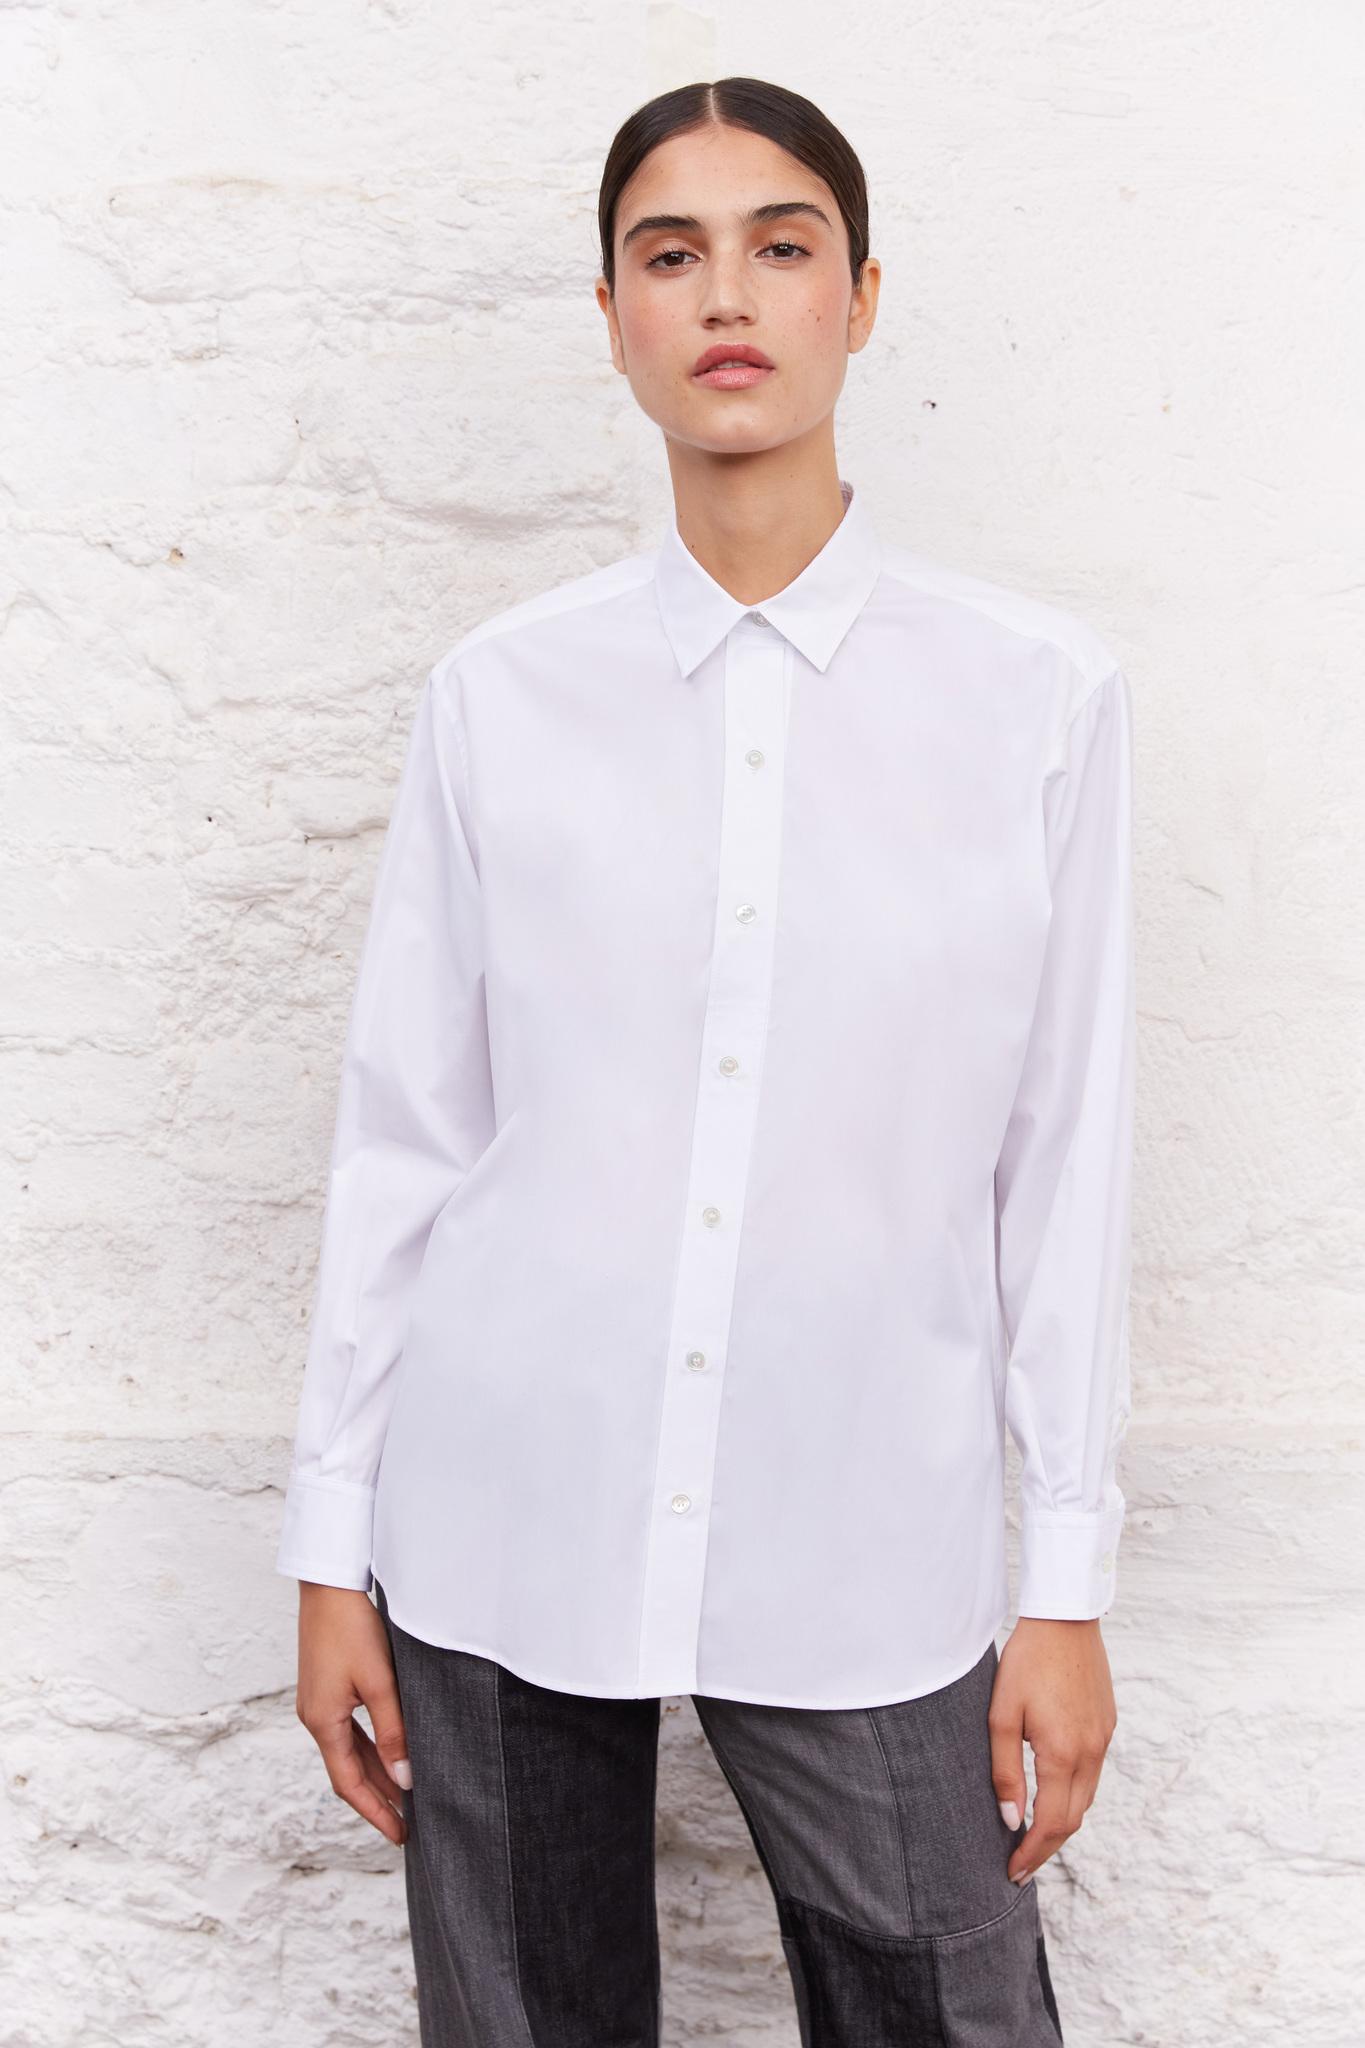 CLYDE - Рубашка из поплина